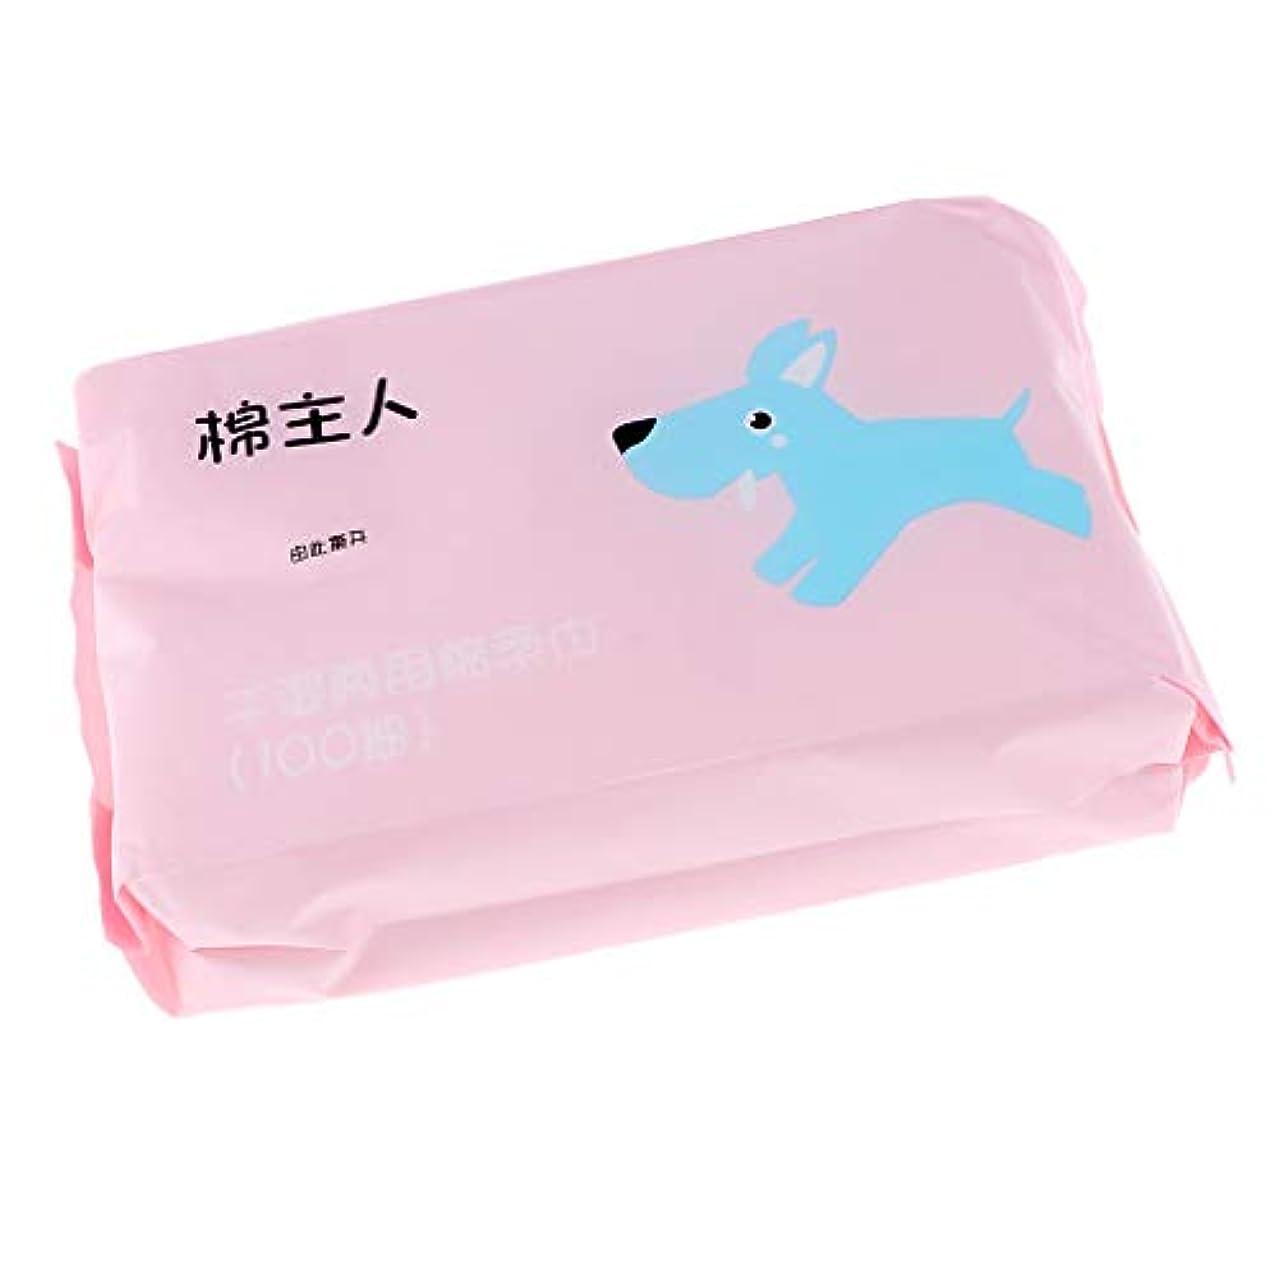 宿泊施設貞ページ約100枚 使い捨 クレンジングシート クリーニング フェイス タオル ソフト 敏感肌適用 全2色 - ピンク